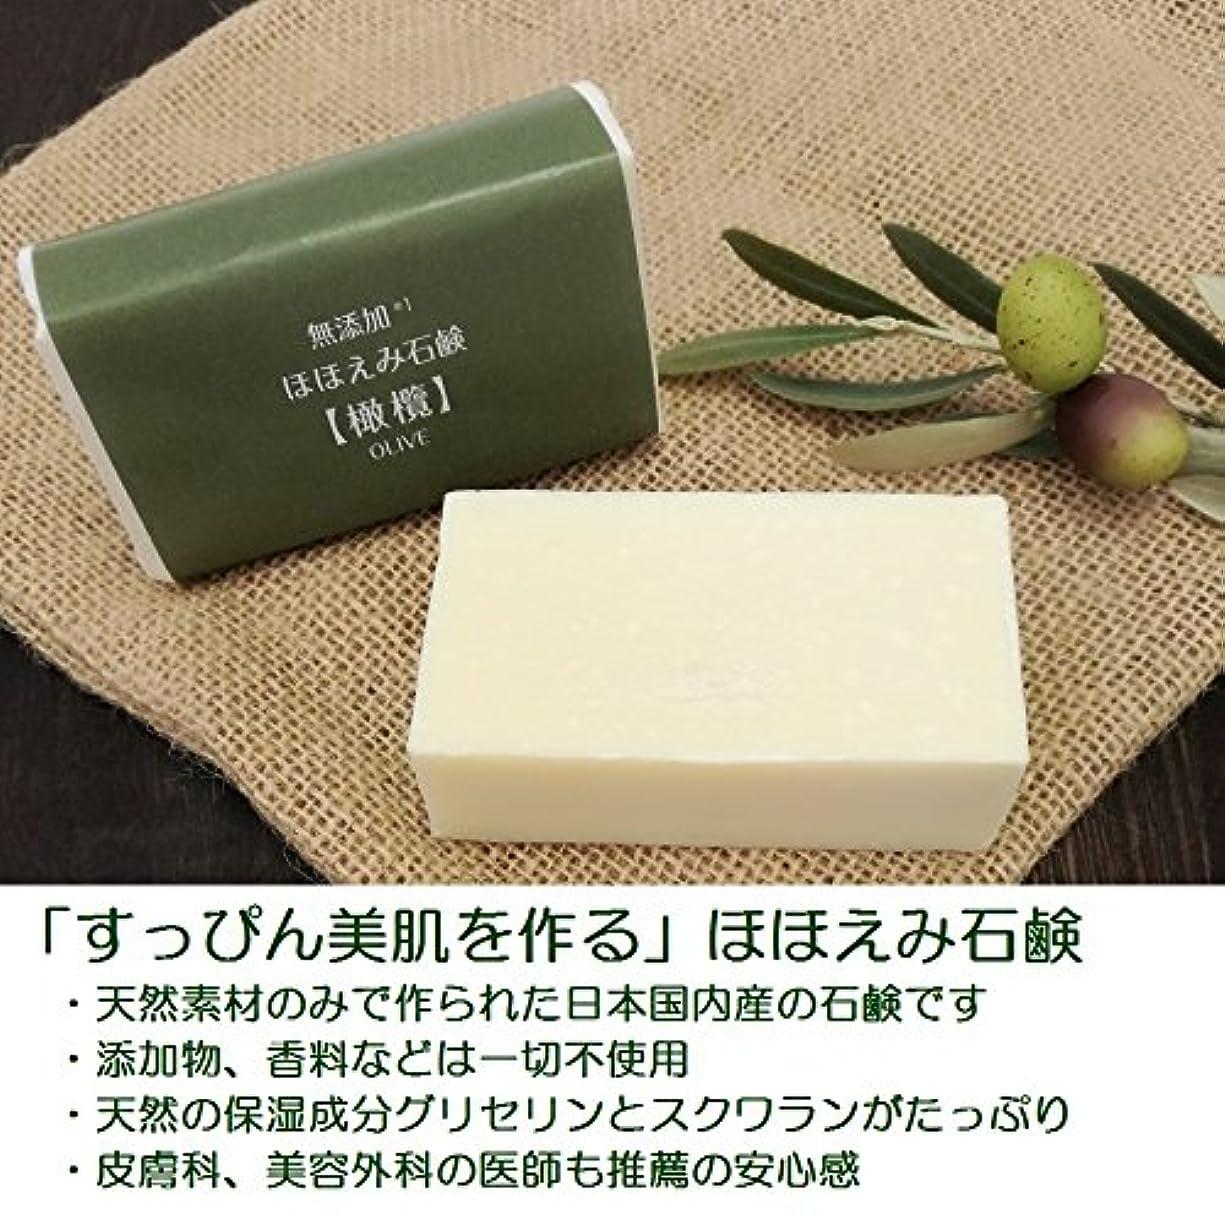 インシデントハンドブックインタフェースすっぴん美肌を作る ほほえみ石鹸 オリーブ 無添加 オーガニック 日本製 80g